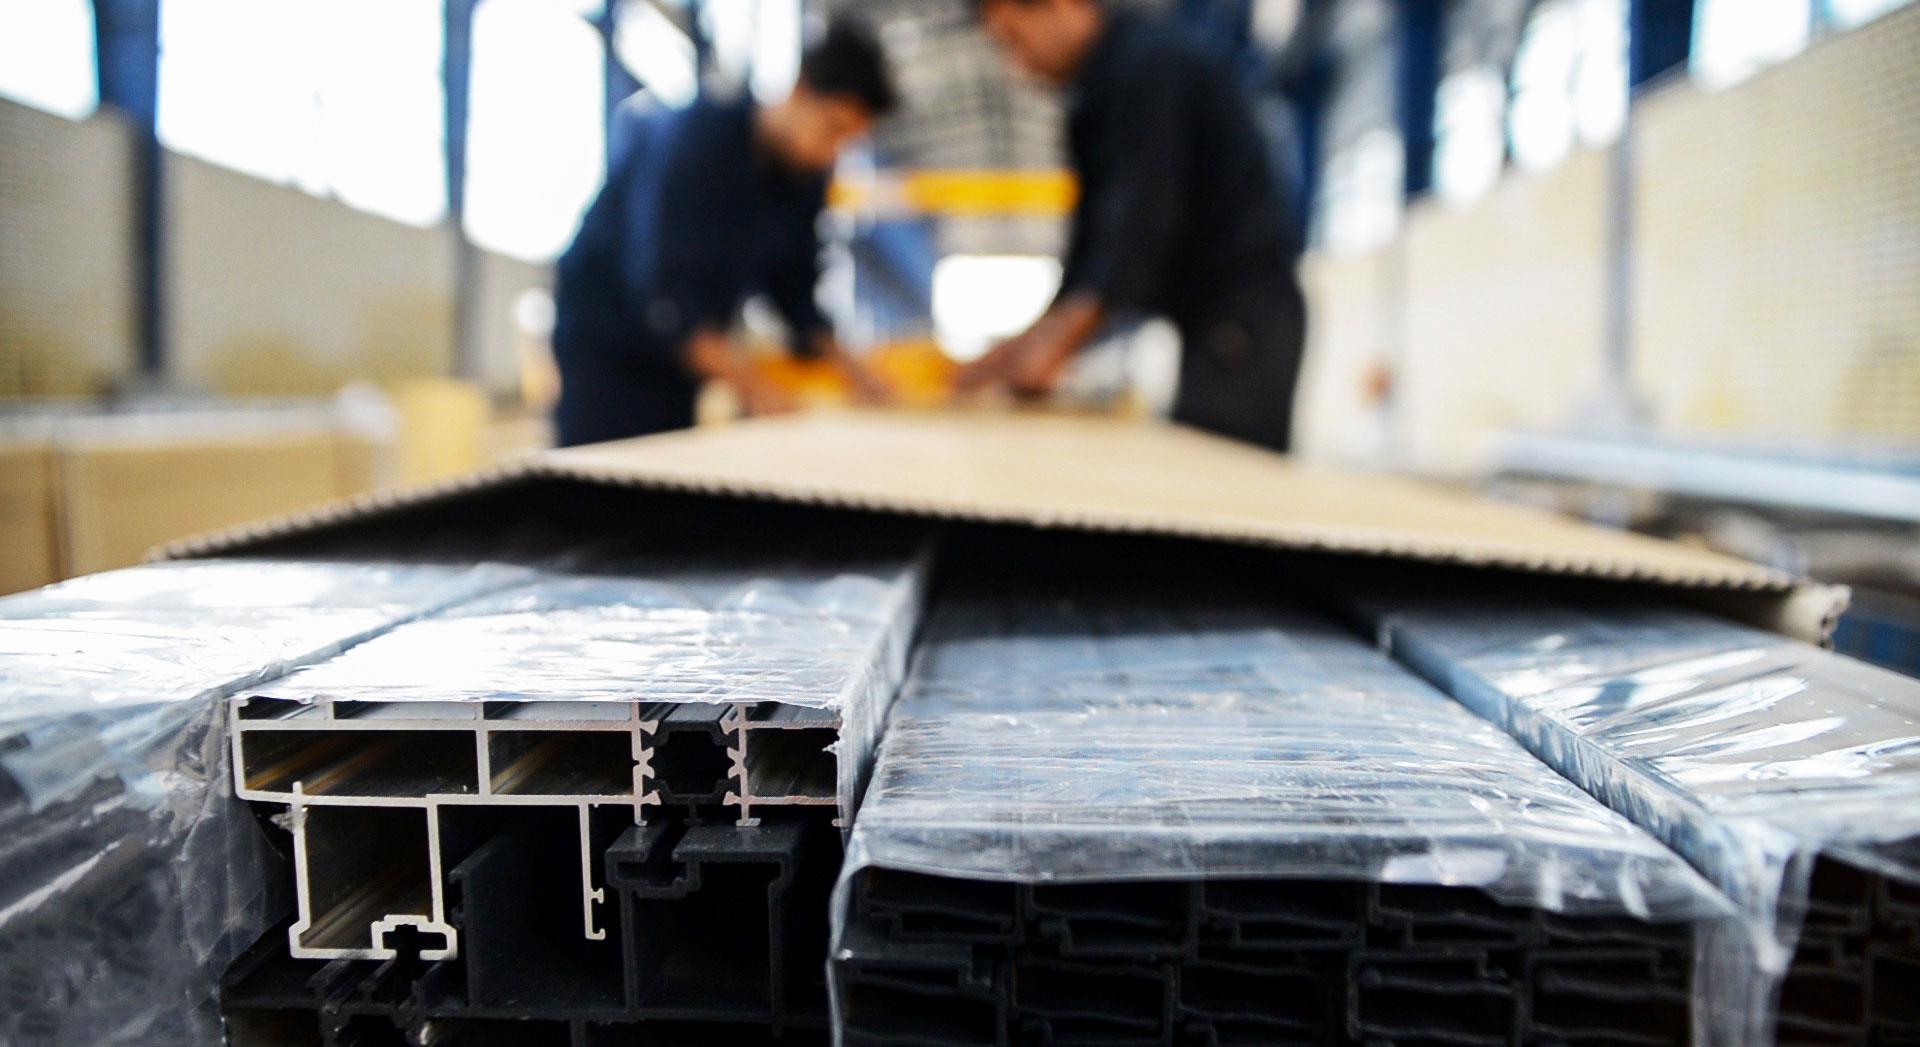 عدم ثبات قیمتی آلومینیوم، تقاضای محصولات PVC را افزایش میدهد